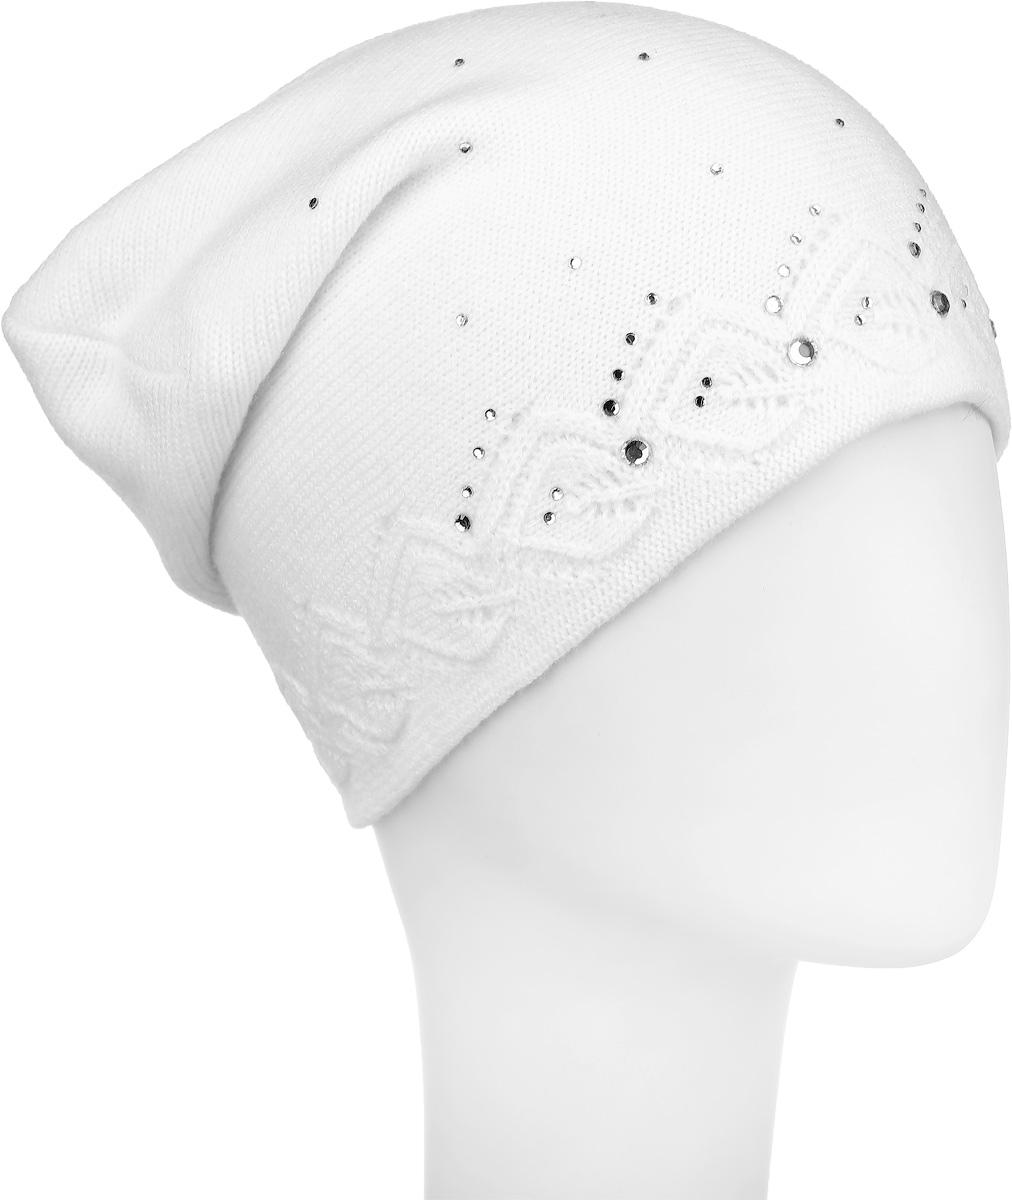 W16-11126_709Женская шапка Finn Flare, выполненная из акрила и шерсти, отлично дополнит ваш образ в холодную погоду. Модель по низу связана оригинальным узором. Декорировано изделие стразами и фирменной металлической нашивкой. Шапка составит идеальный комплект с модной верхней одеждой и подарит вам уют и тепло. Уважаемые клиенты! Размер, доступный для заказа, является обхватом головы.